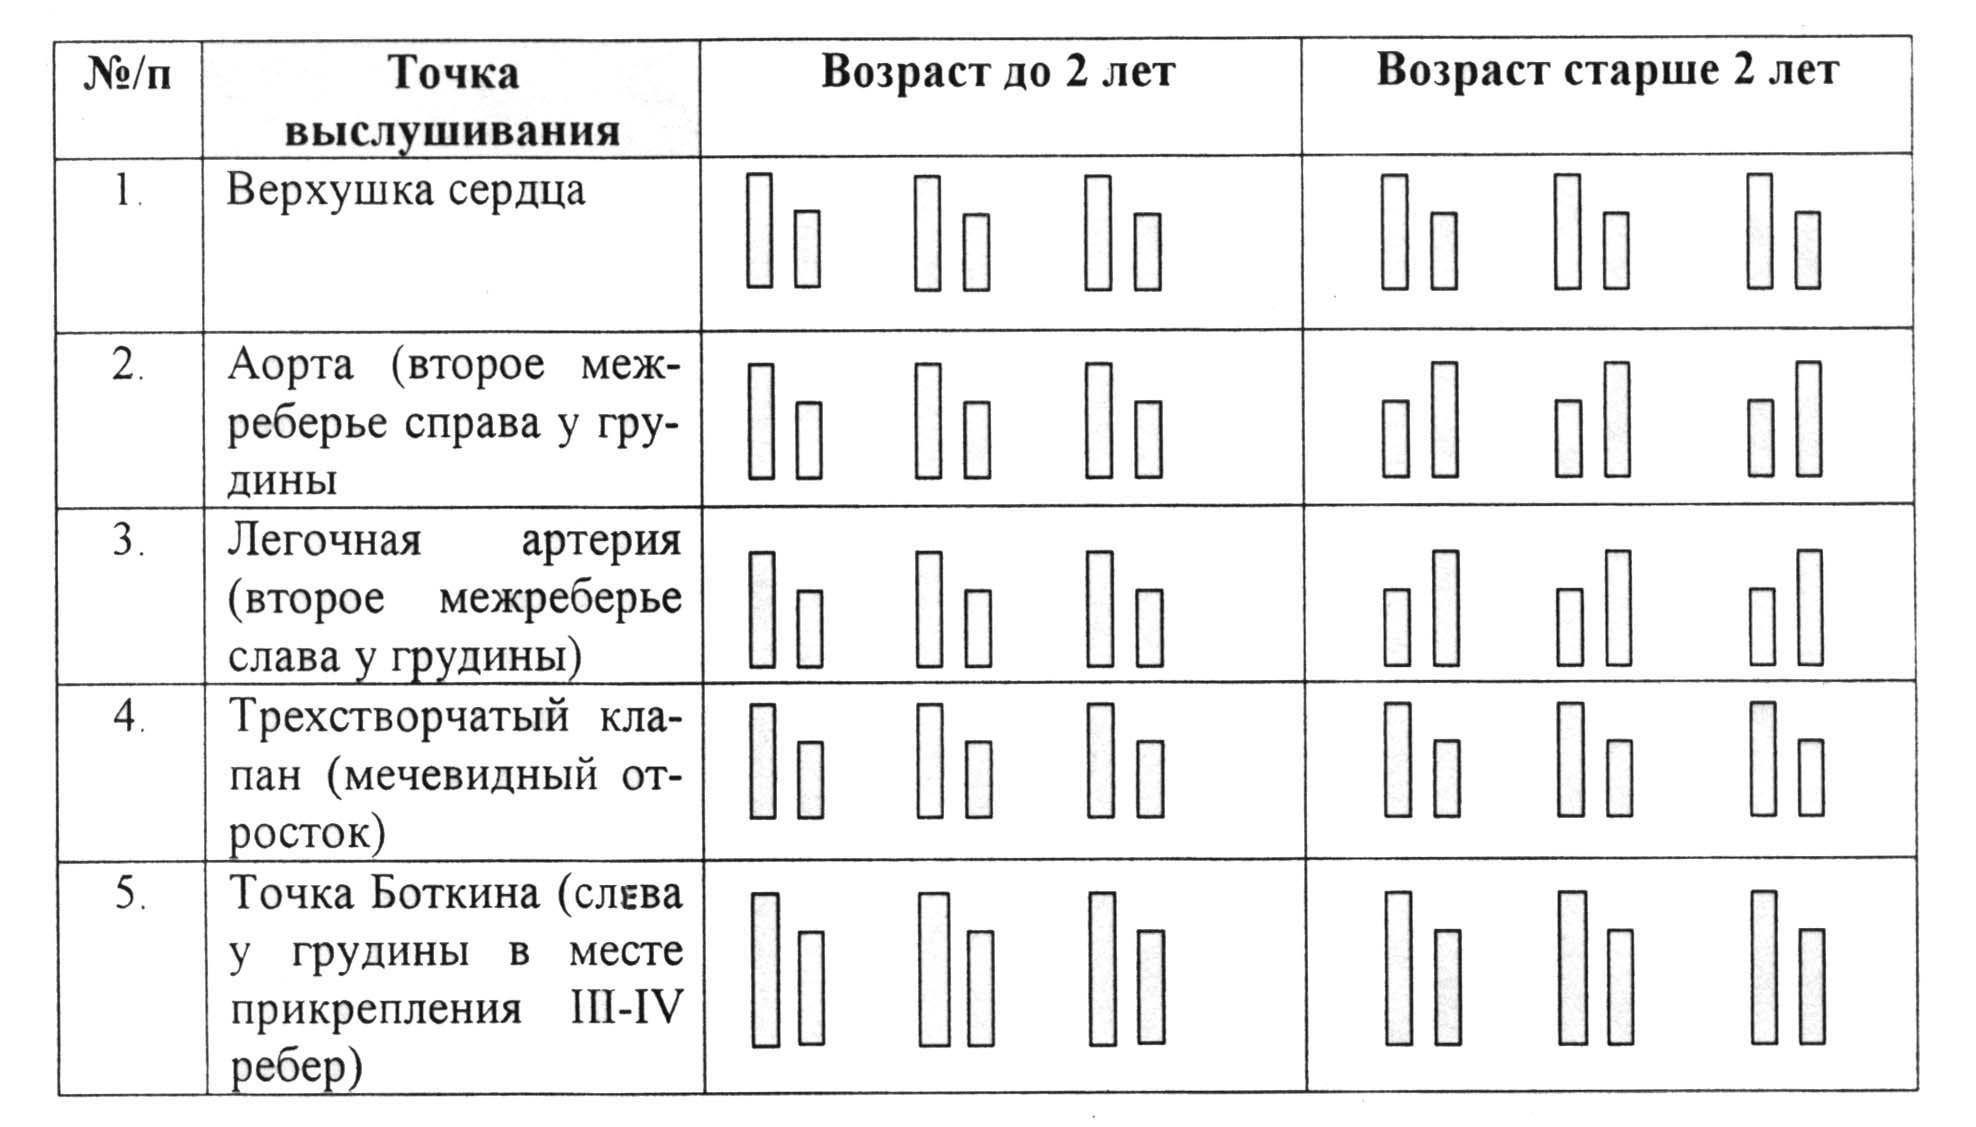 Точки проекции и зоны поджелудочной железы